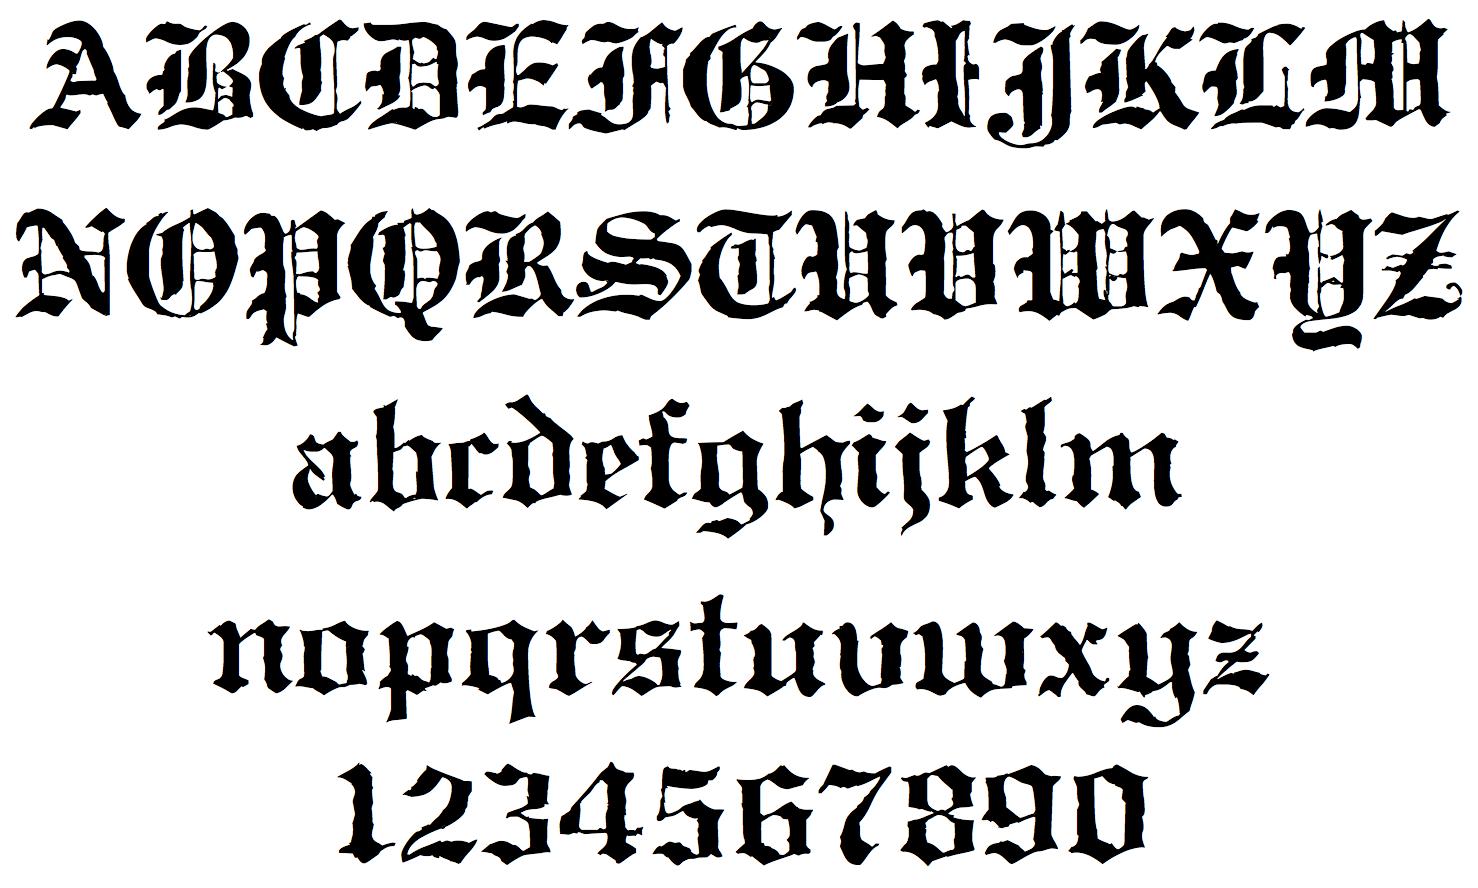 16 Gothic Alphabet Font Images Gothic Alphabet Letters